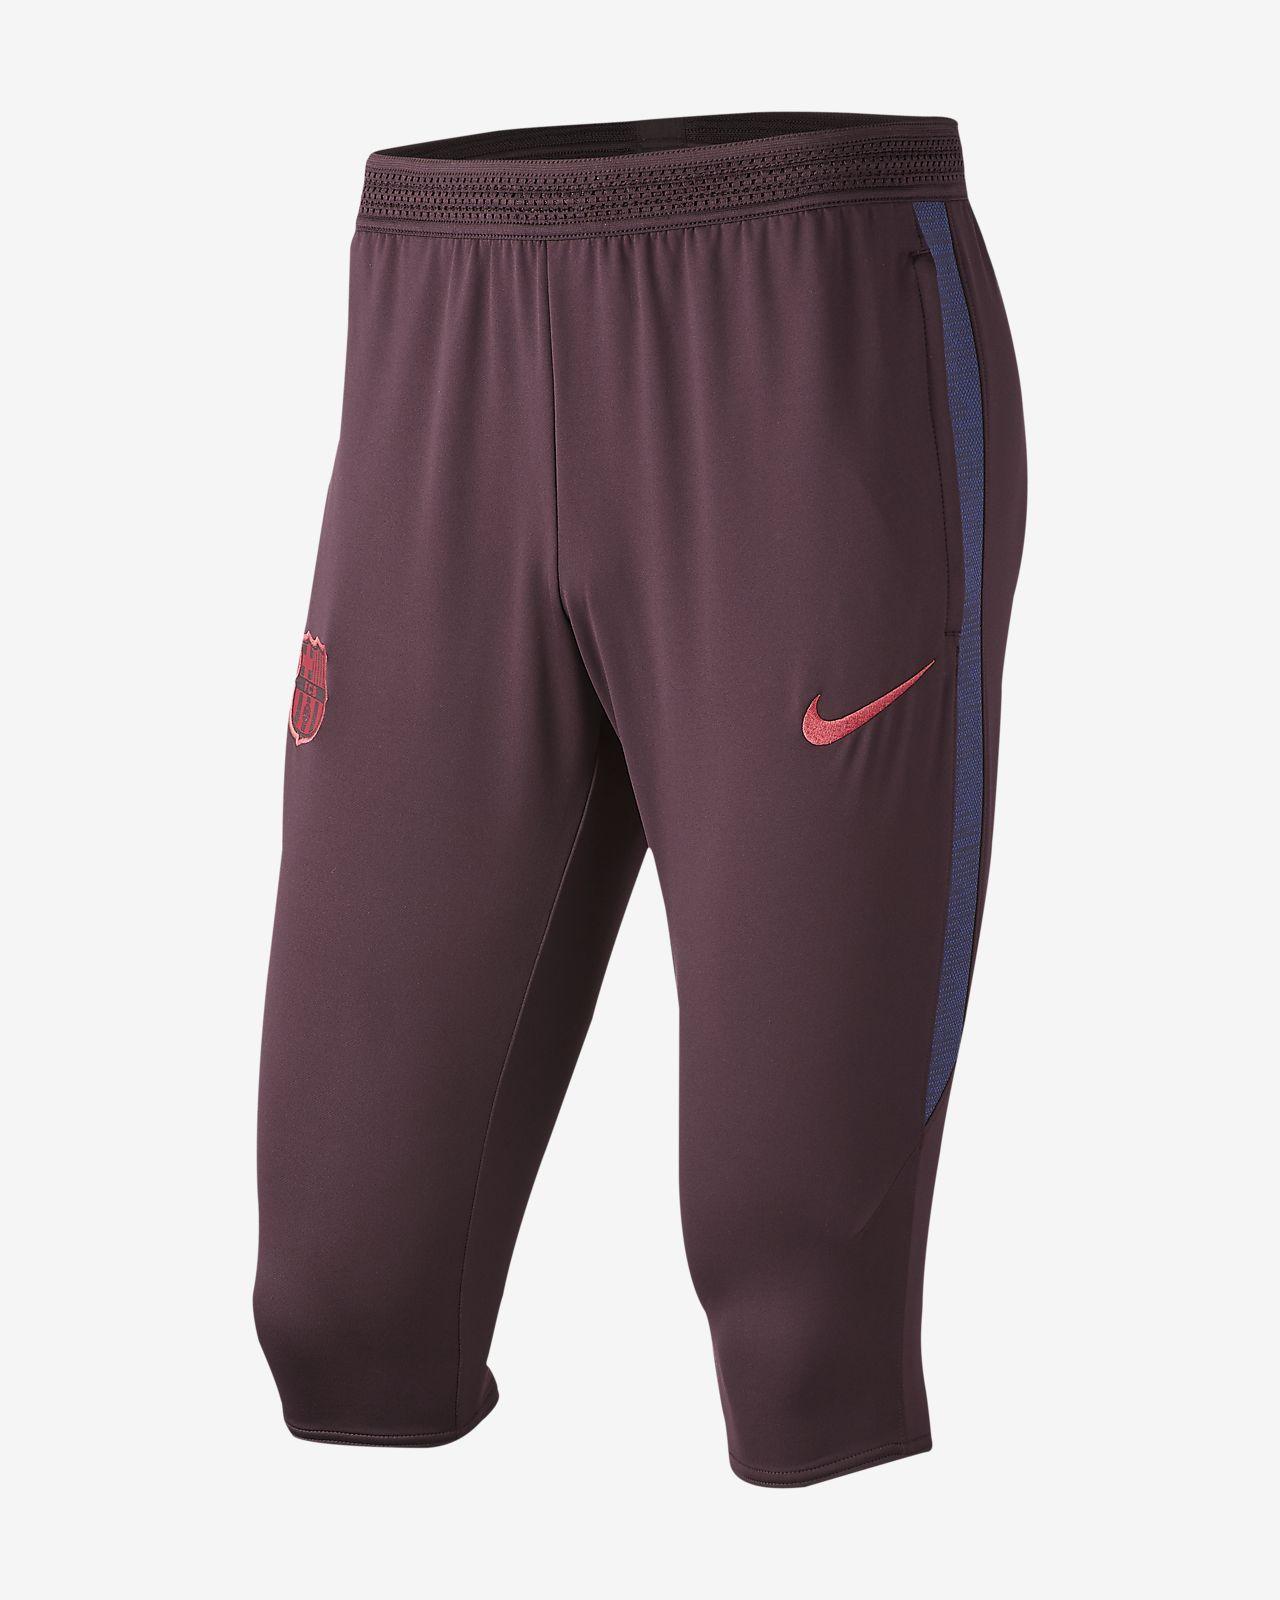 f80f15493 Calças de futebol Nike Dri-FIT FC Barcelona Strike para homem. Nike ...